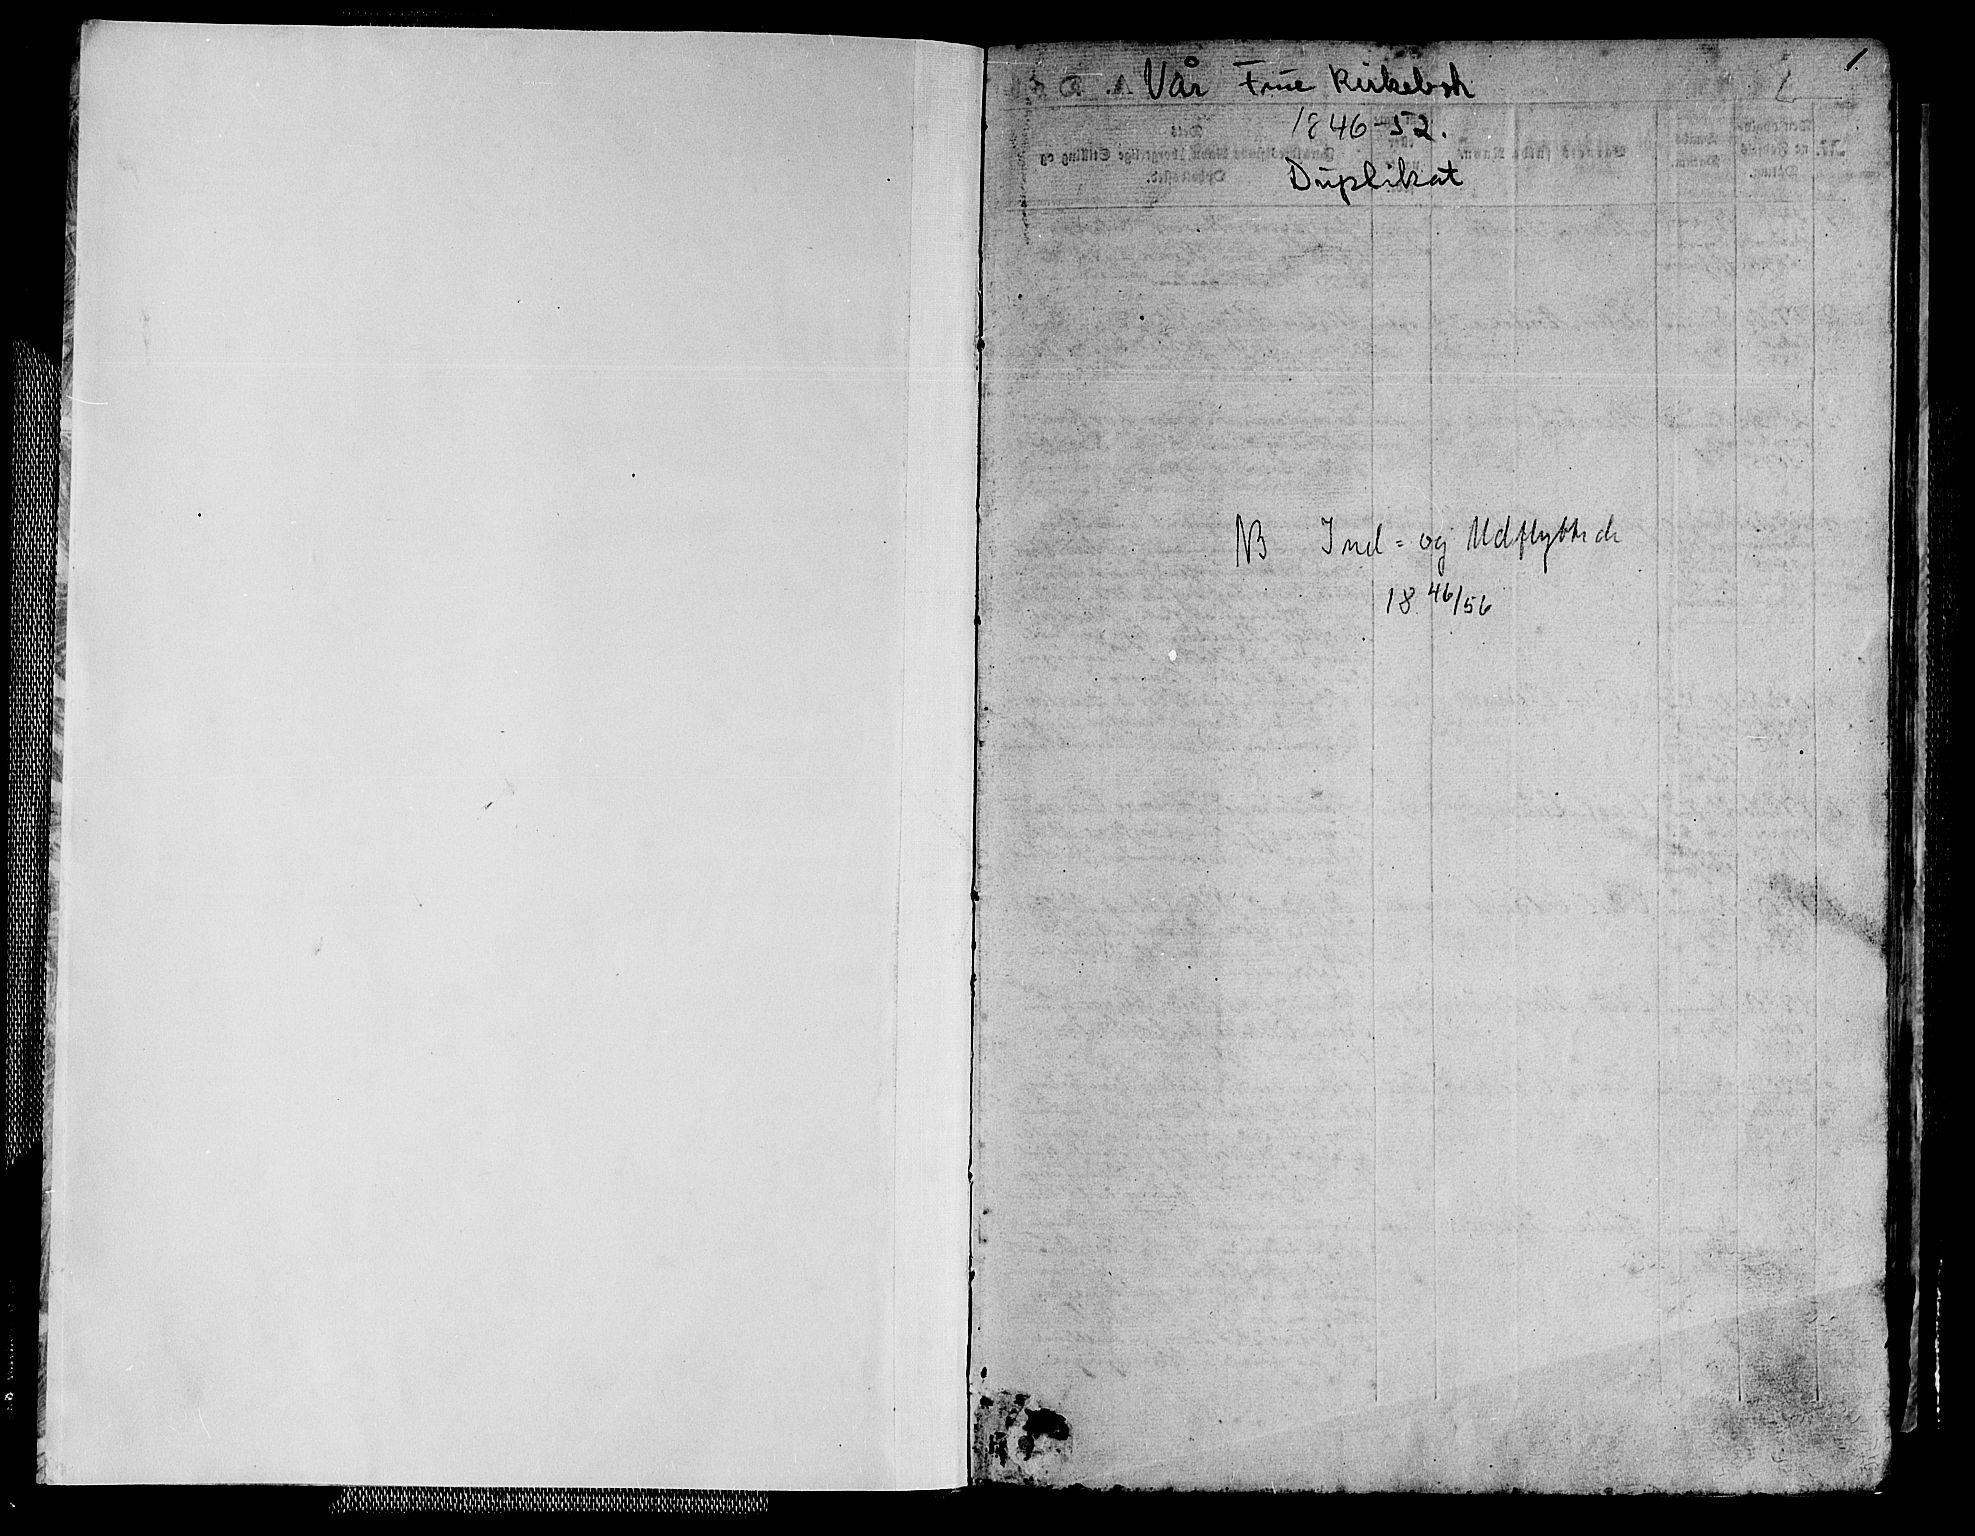 SAT, Ministerialprotokoller, klokkerbøker og fødselsregistre - Sør-Trøndelag, 602/L0137: Klokkerbok nr. 602C05, 1846-1856, s. 1